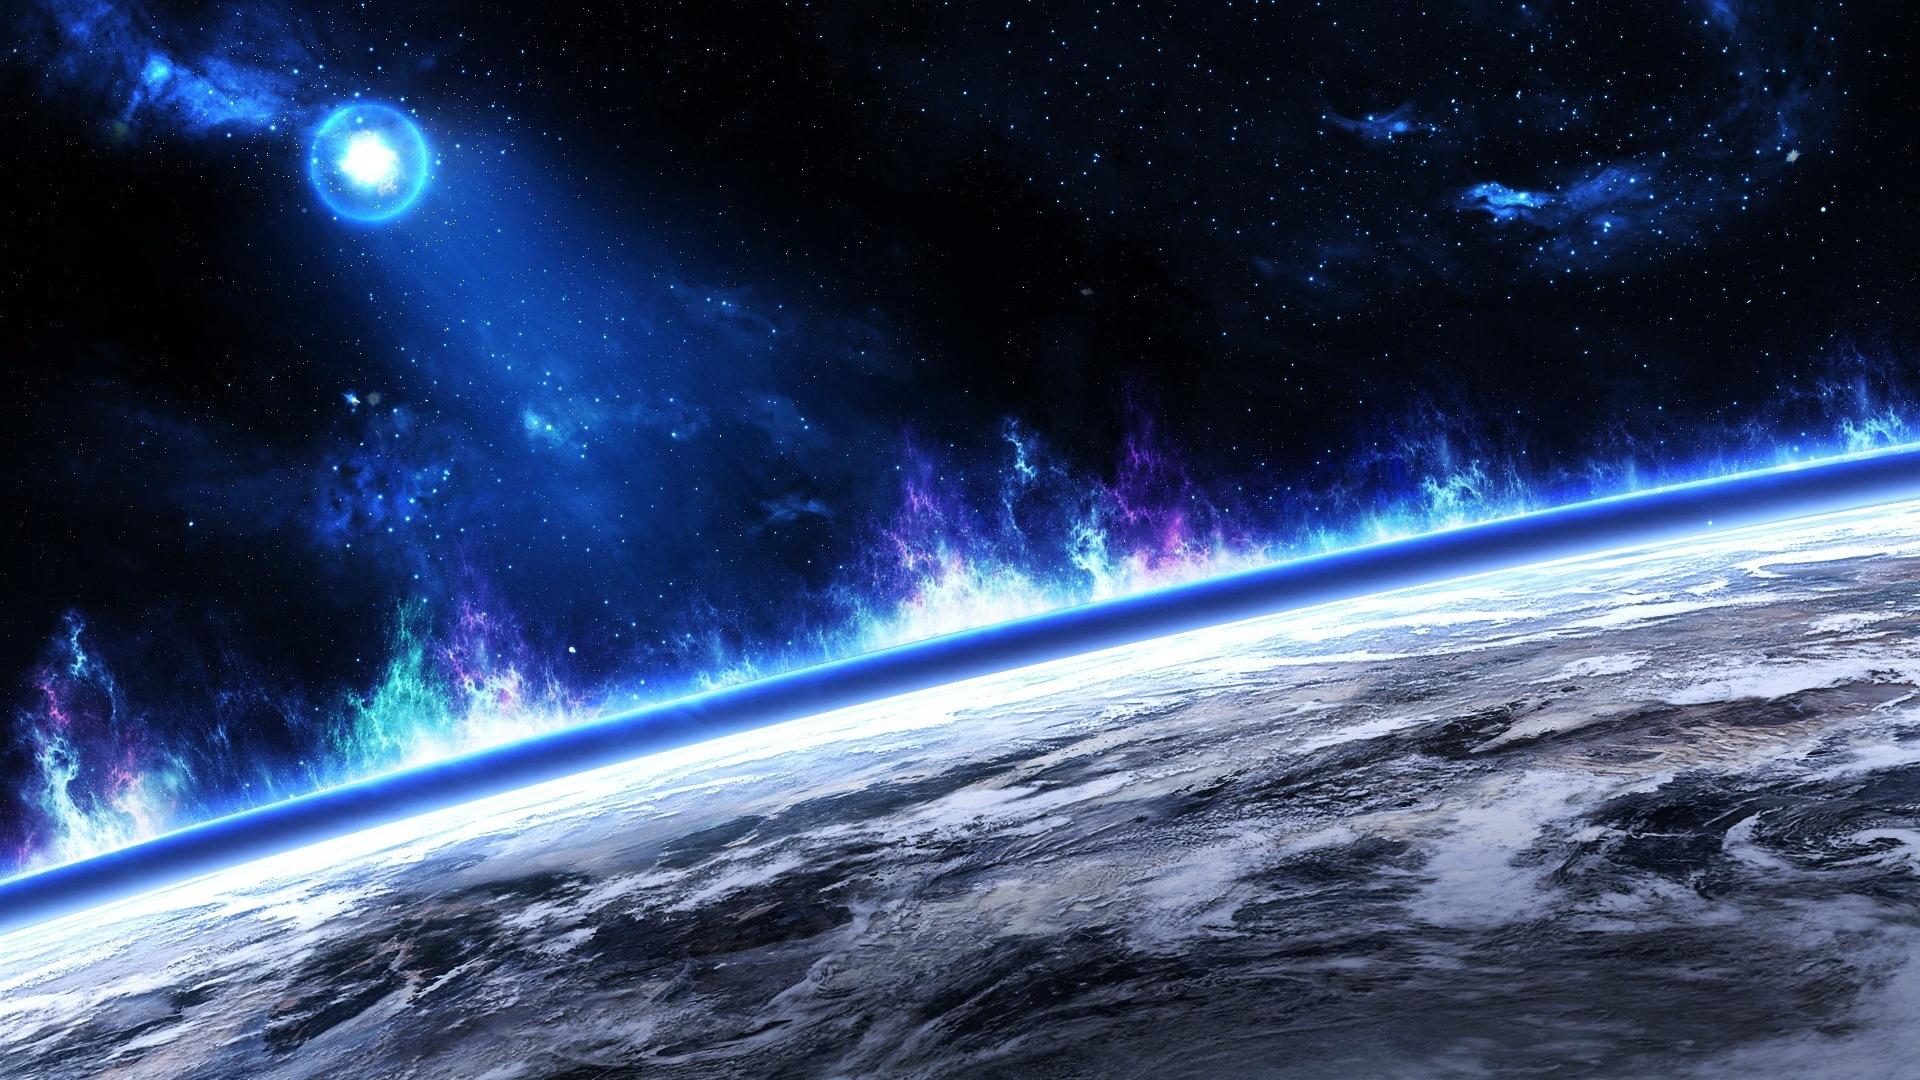 Обои Планета, космос, горизонт картинки на рабочий стол на тему Космос — скачать на телефон